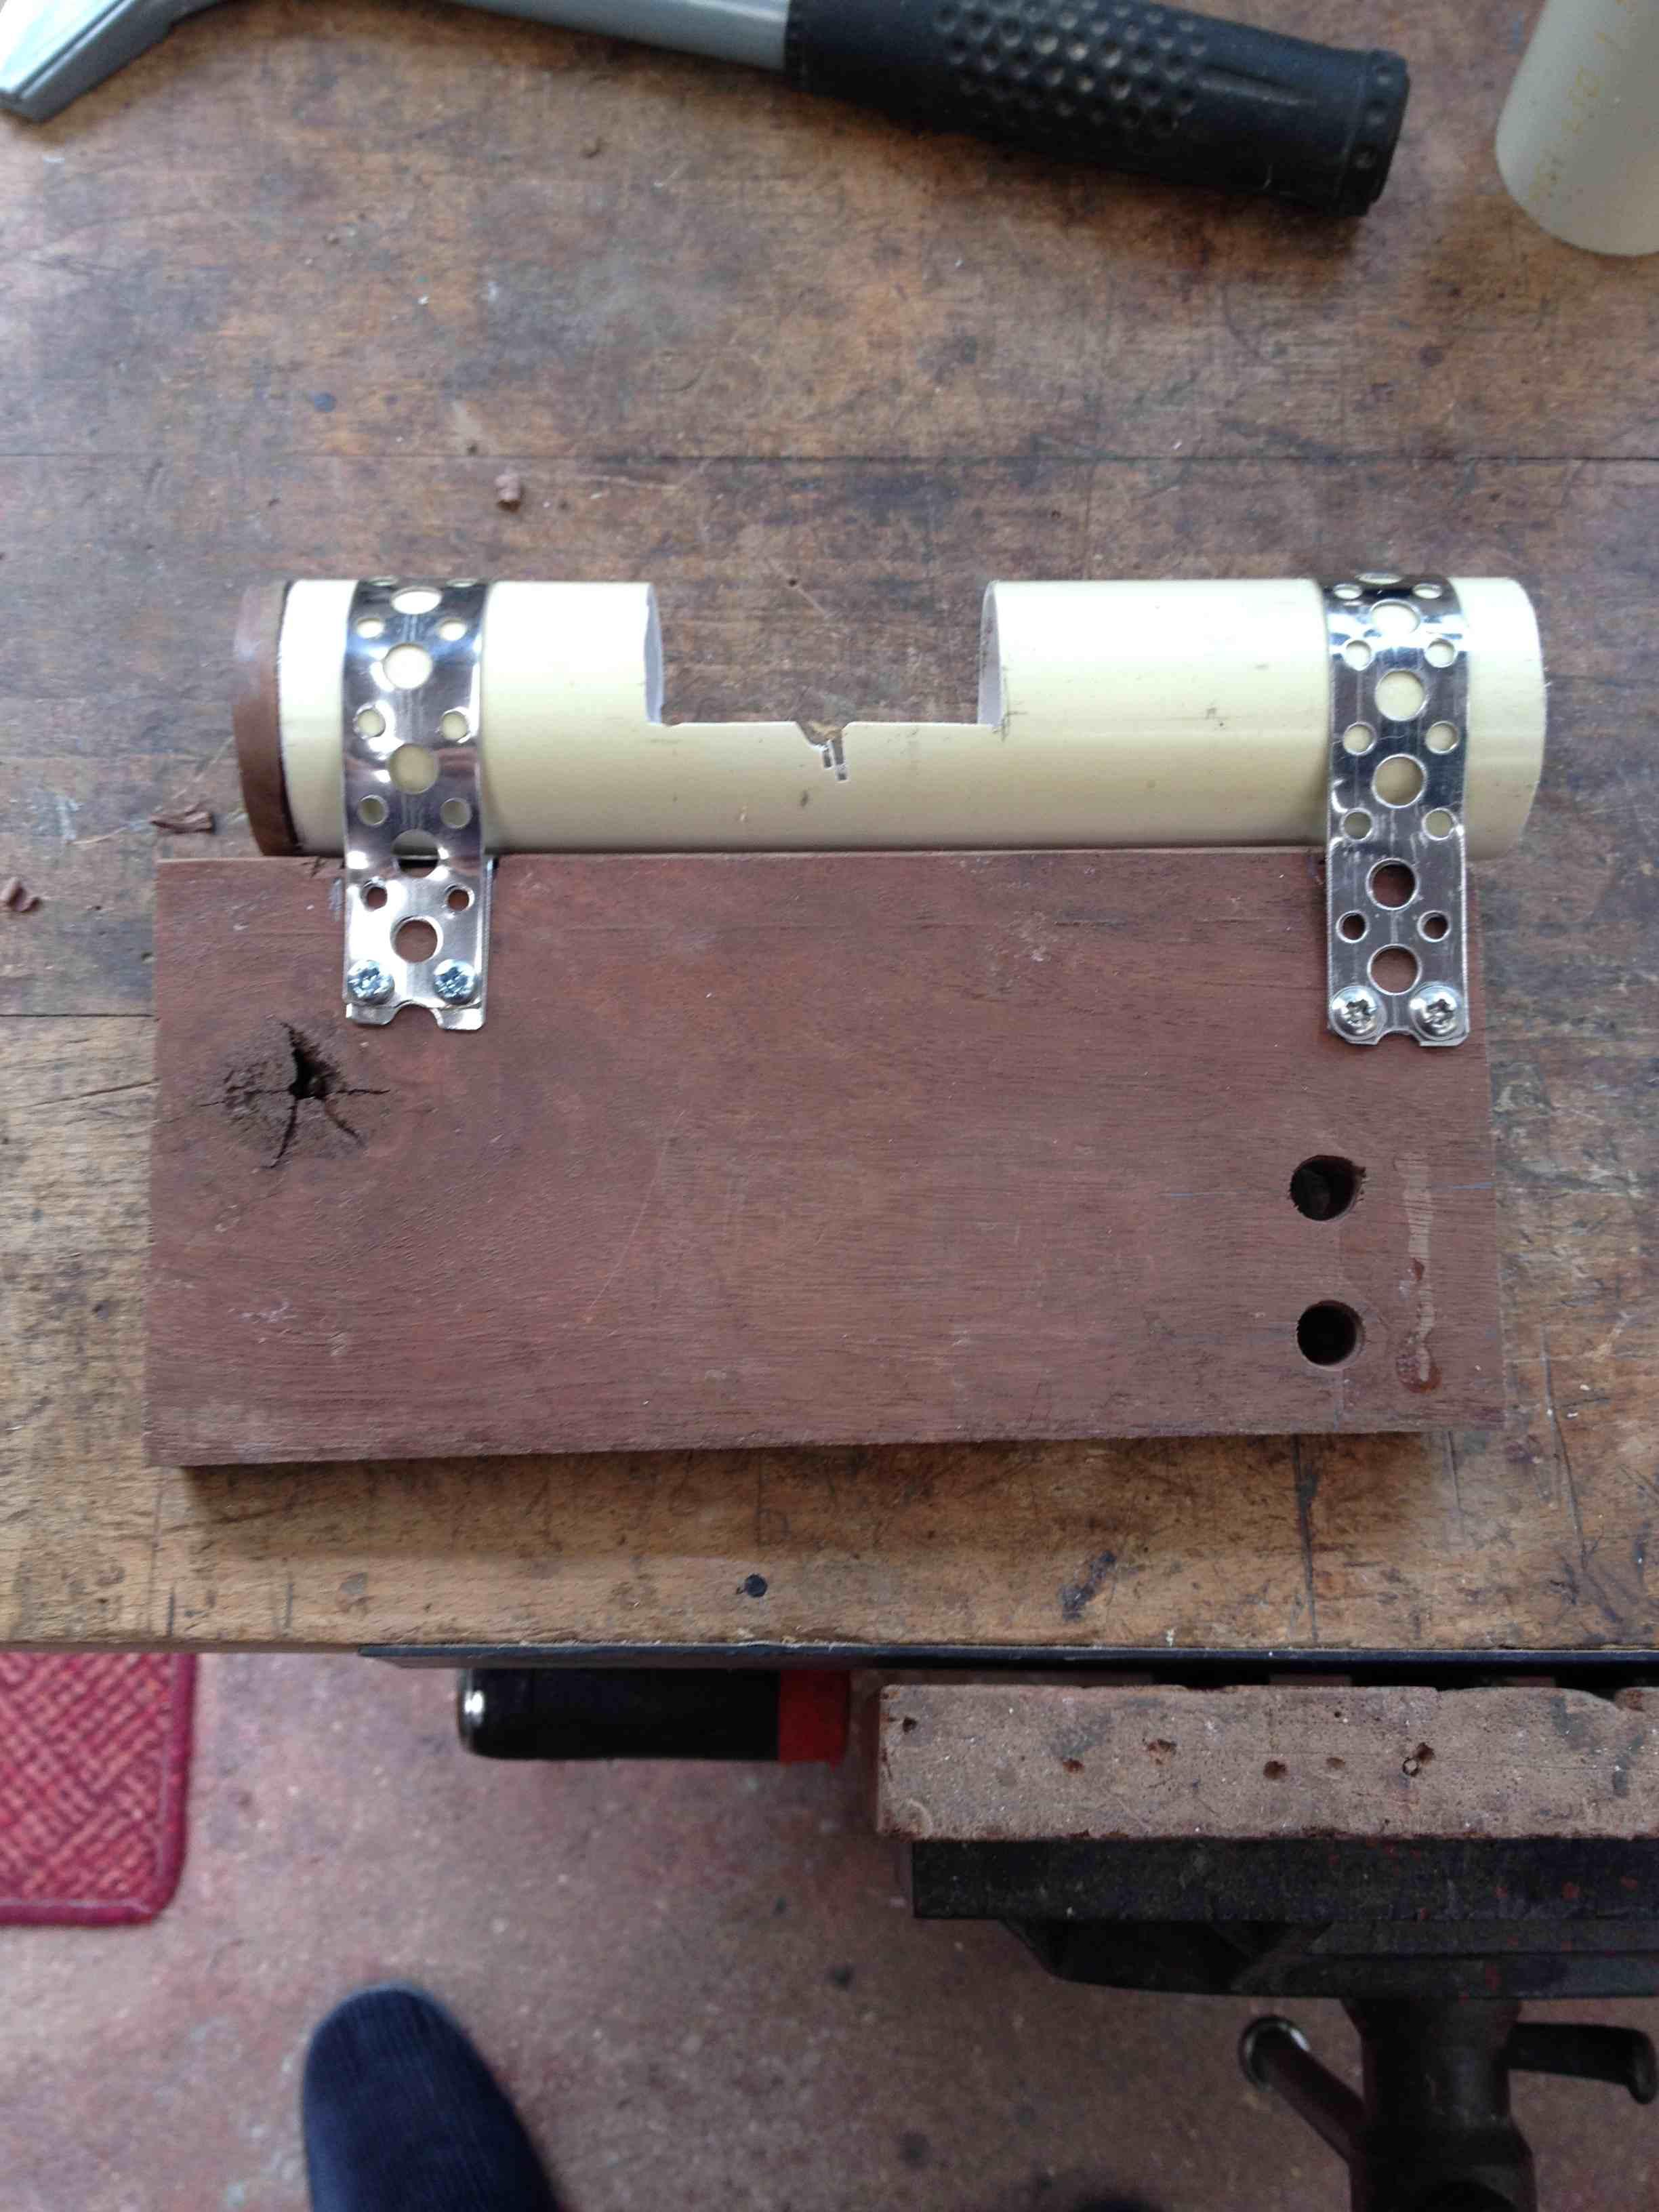 Bandsaw Dust Outlet.jpg